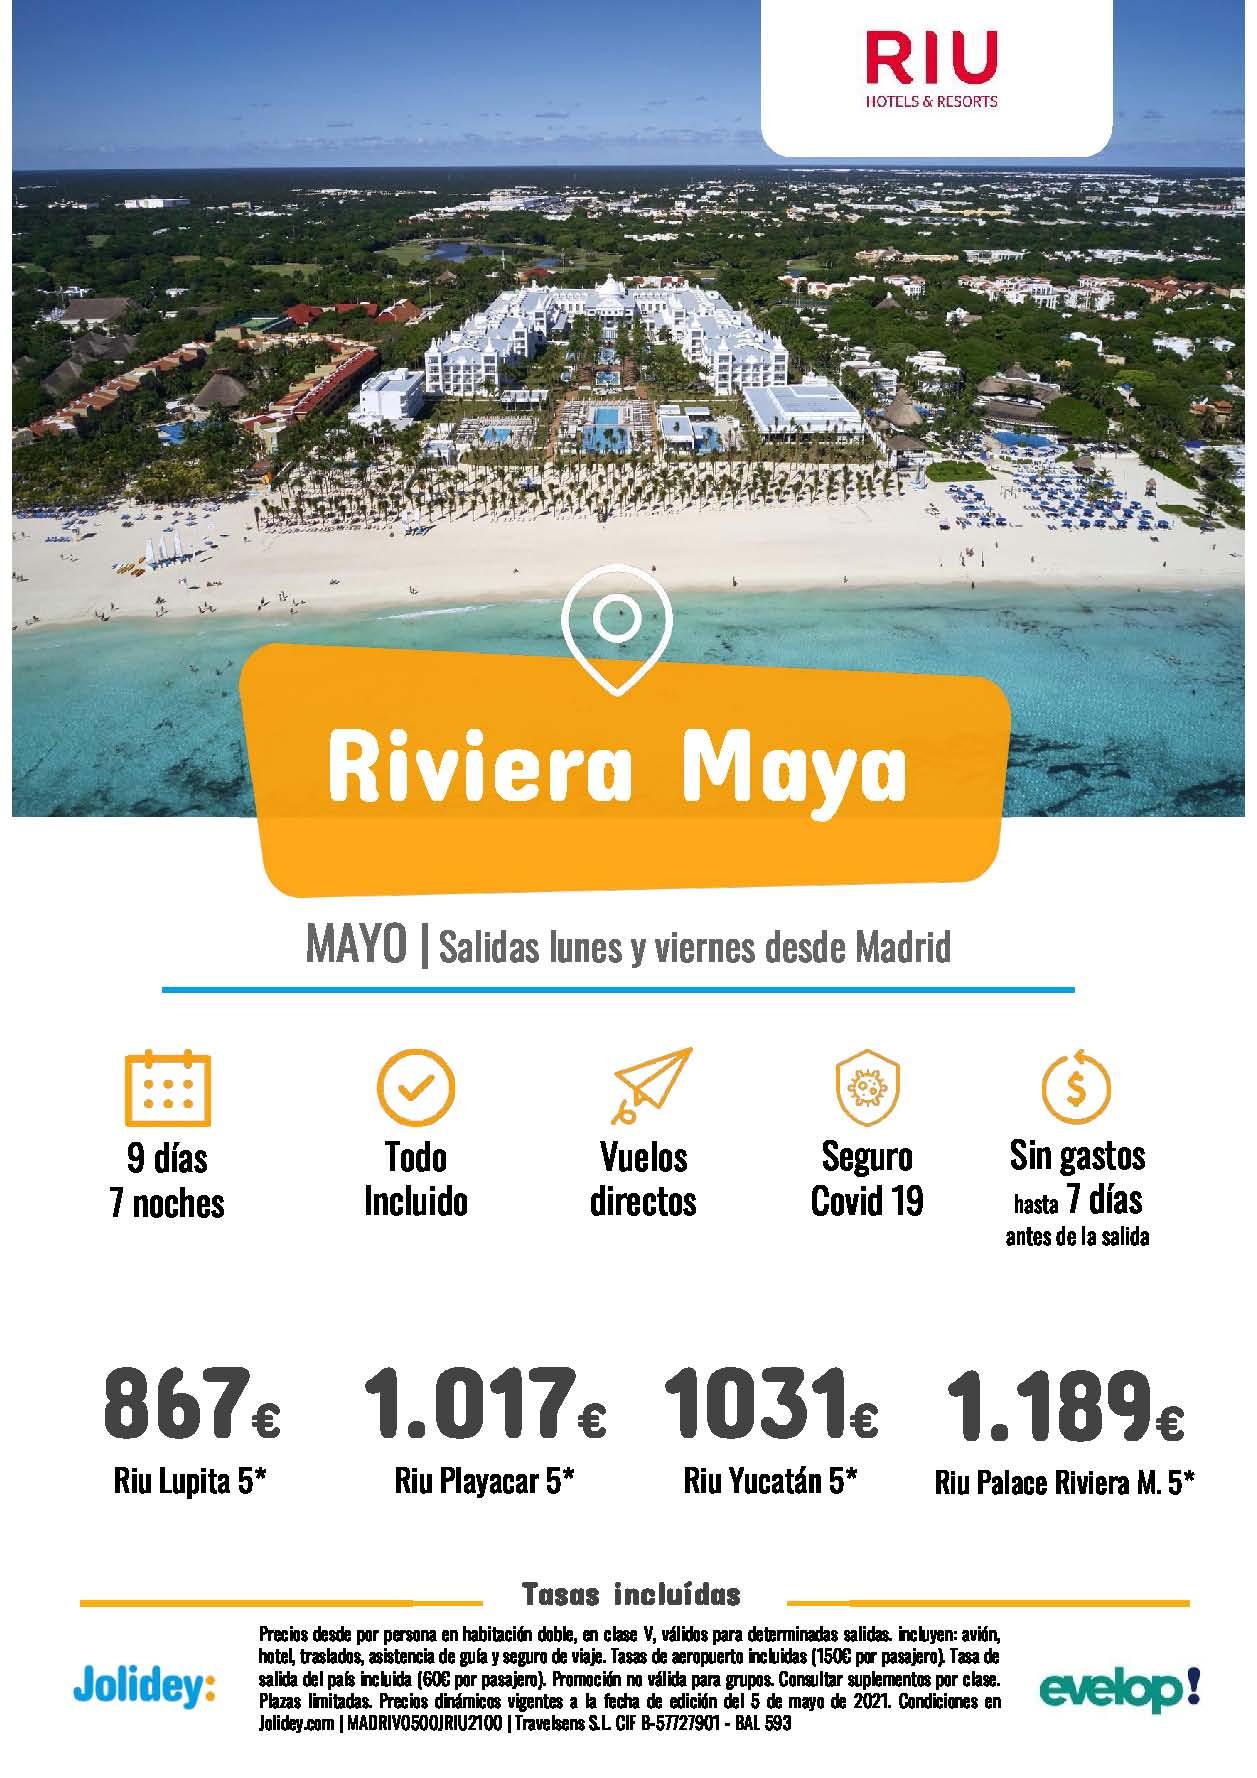 Ofertas Jolidey Ultima Hora Riviera Maya en Hoteles Riu Mayo 2021 vuelo directo desde Madrid